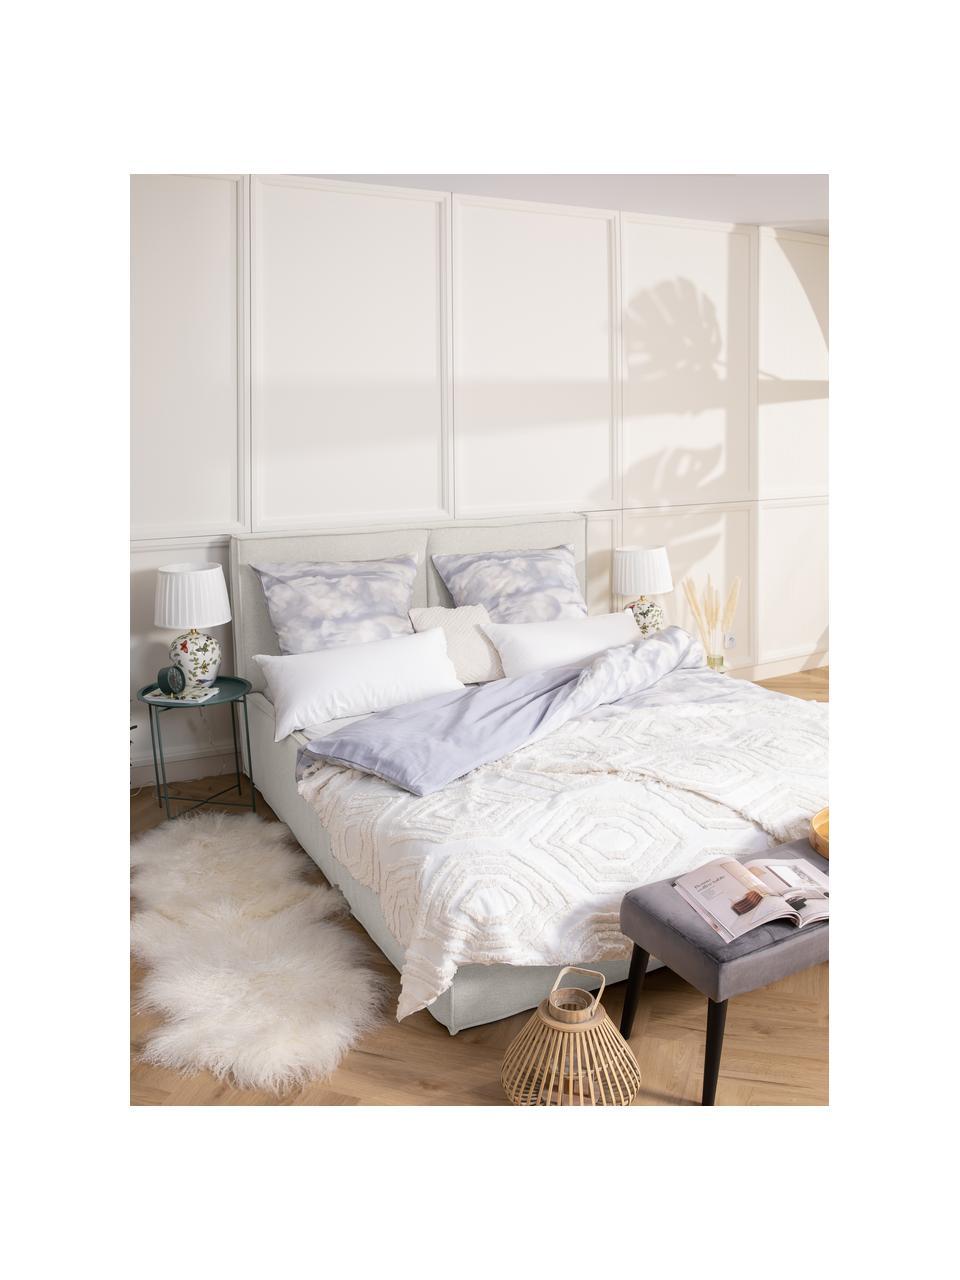 Letto imbottito in tessuto beige Dream, Rivestimento: 100% poliestere Il rivest, Tessuto beige, 180 x 200 cm